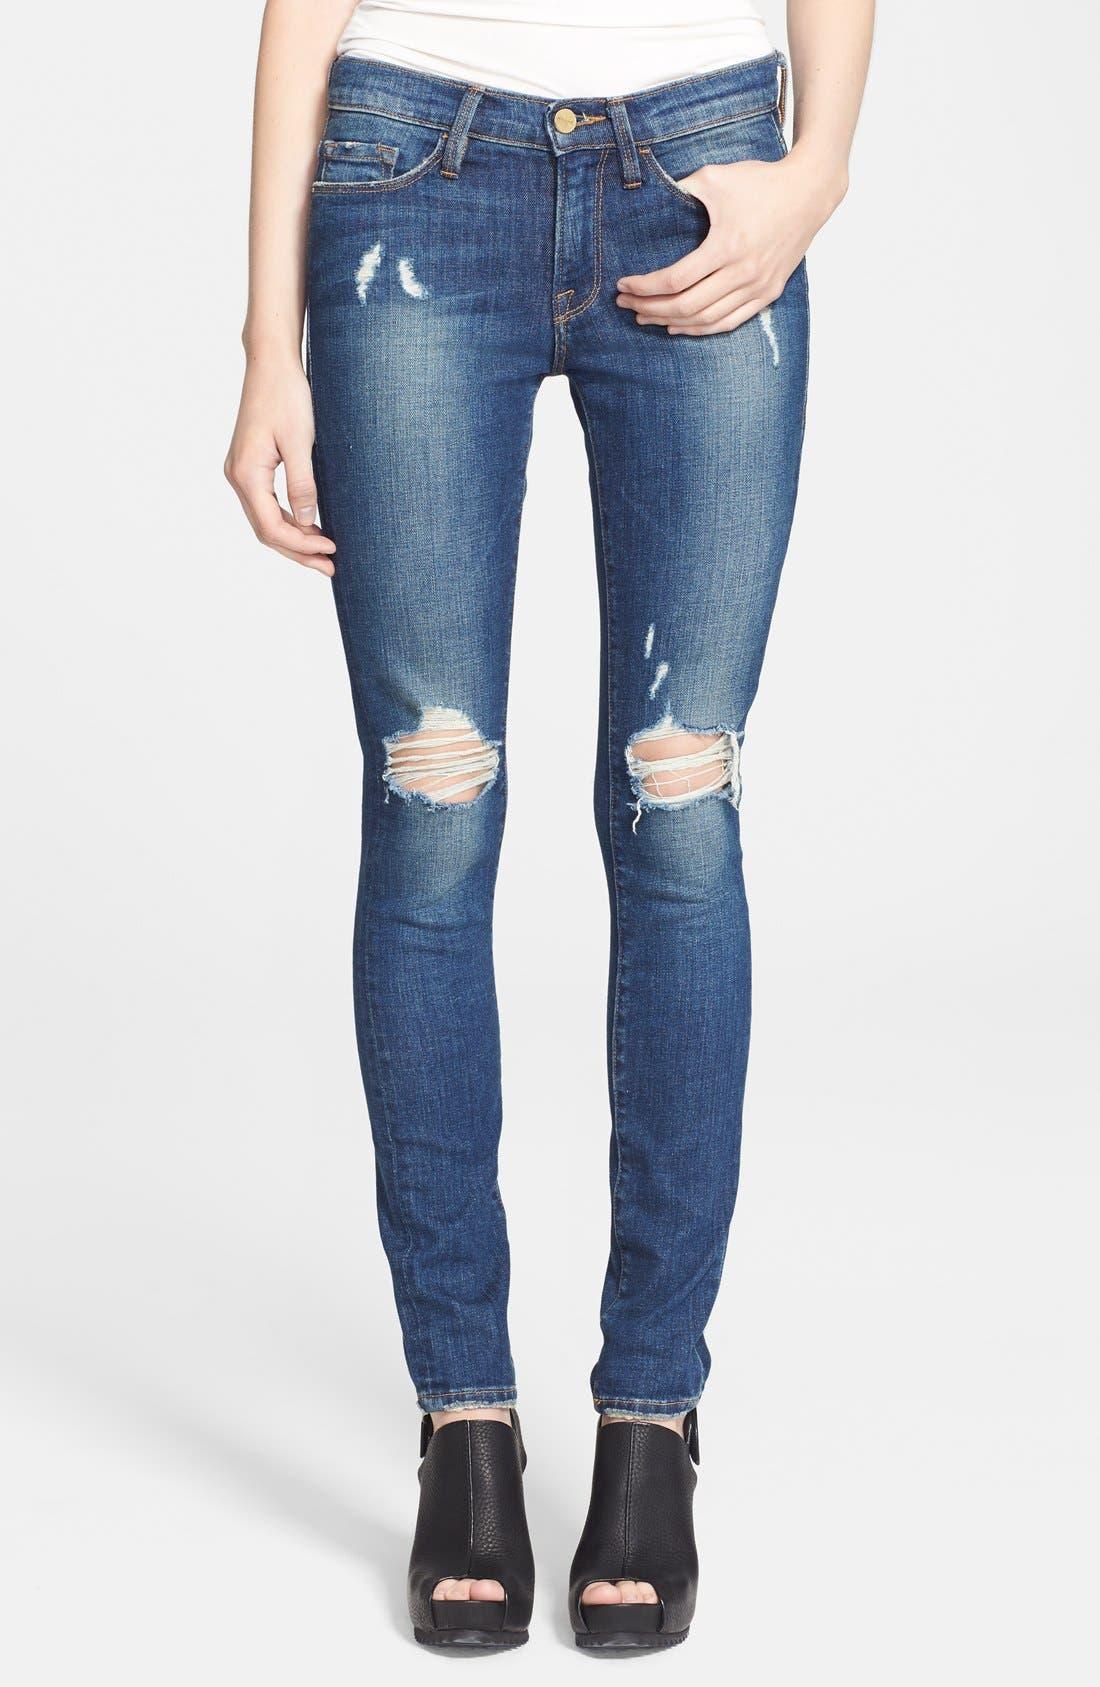 Main Image - Frame Denim 'Le Skinny de Jeanne' Destroyed Jeans (Walgrove)